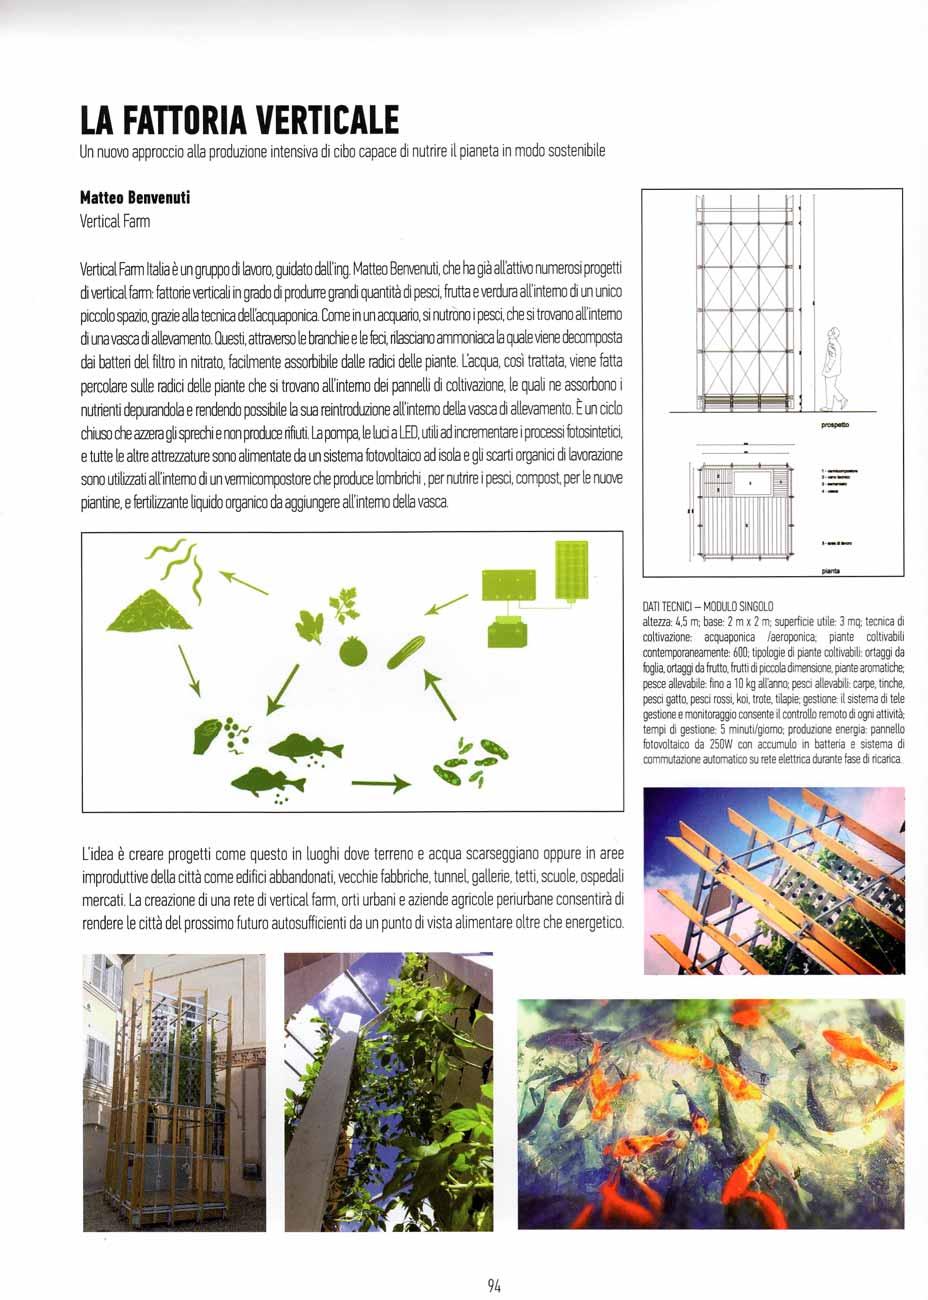 Articolo VFI - Architettura e Natura, 2016 - articolo